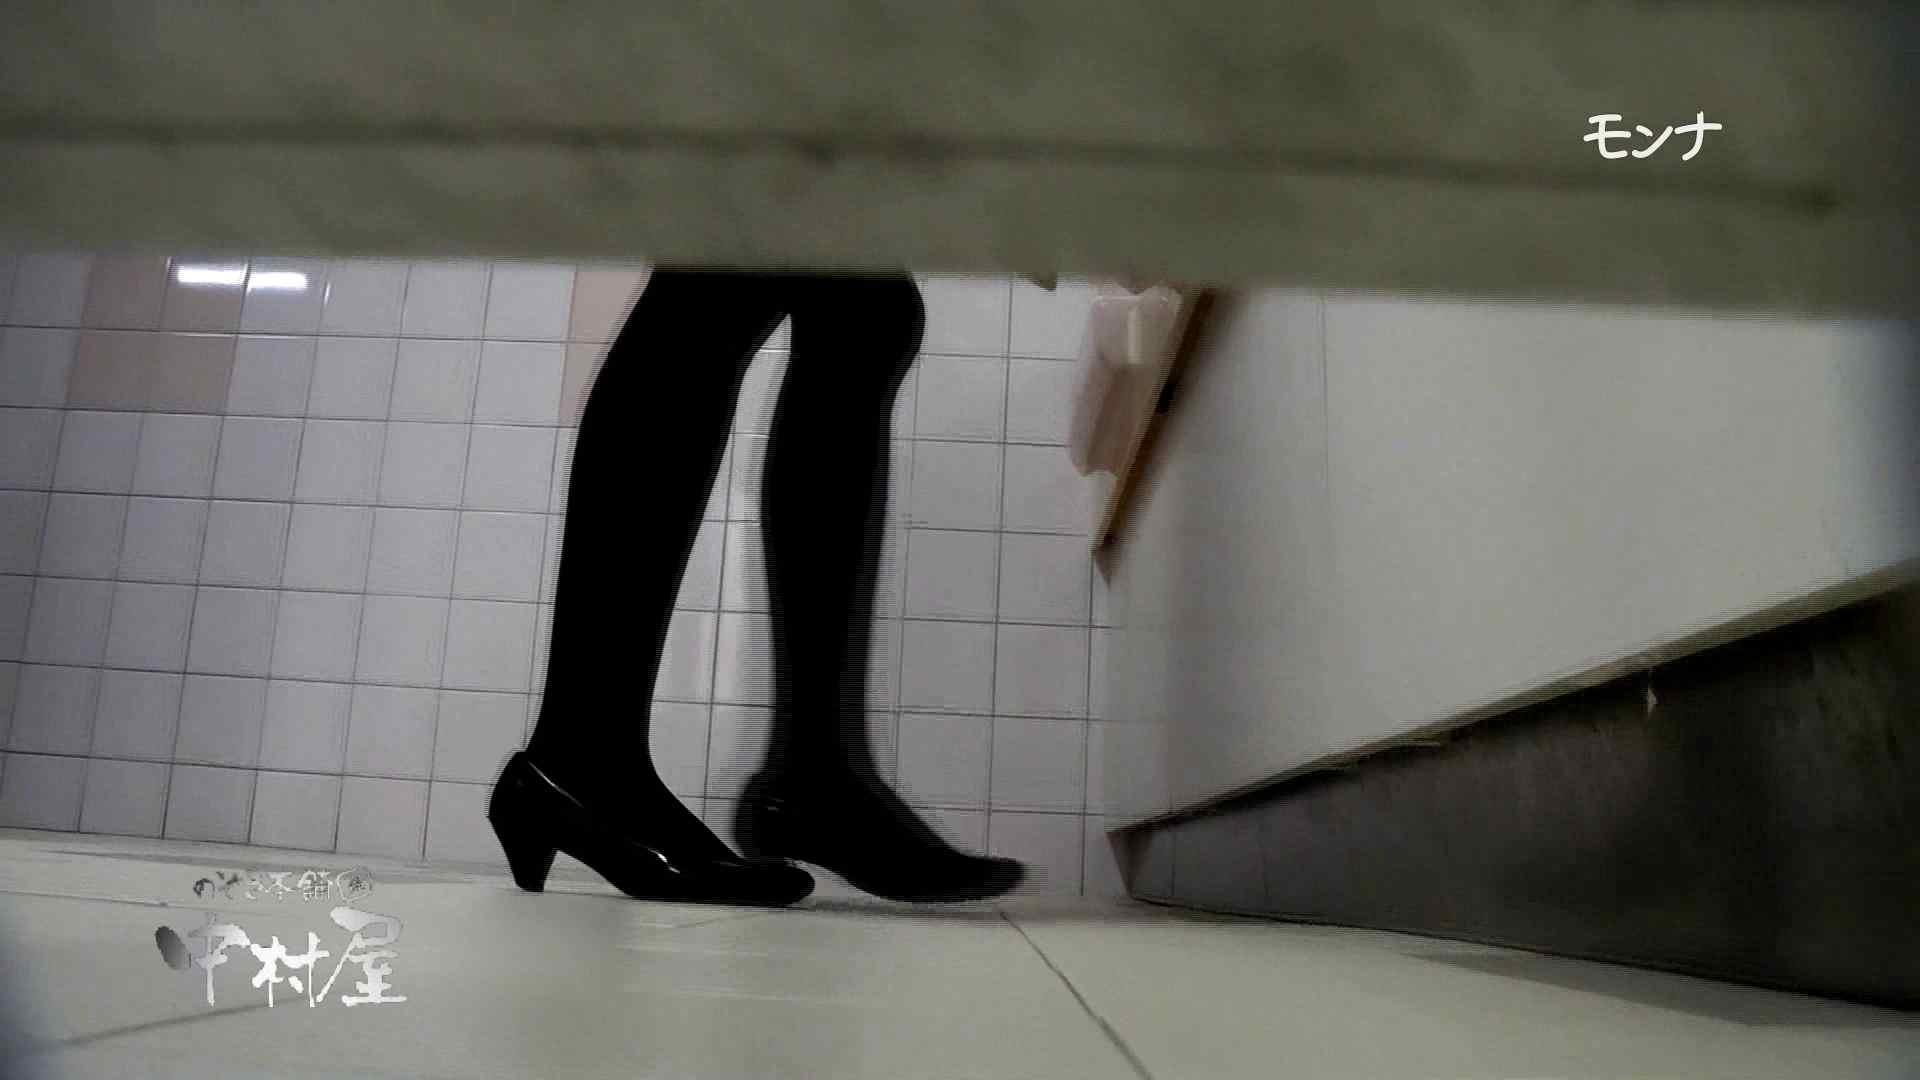 【美しい日本の未来】新学期!!下半身中心に攻めてます美女可愛い女子悪戯盗satuトイレ後編 悪戯 | 下半身  97pic 12